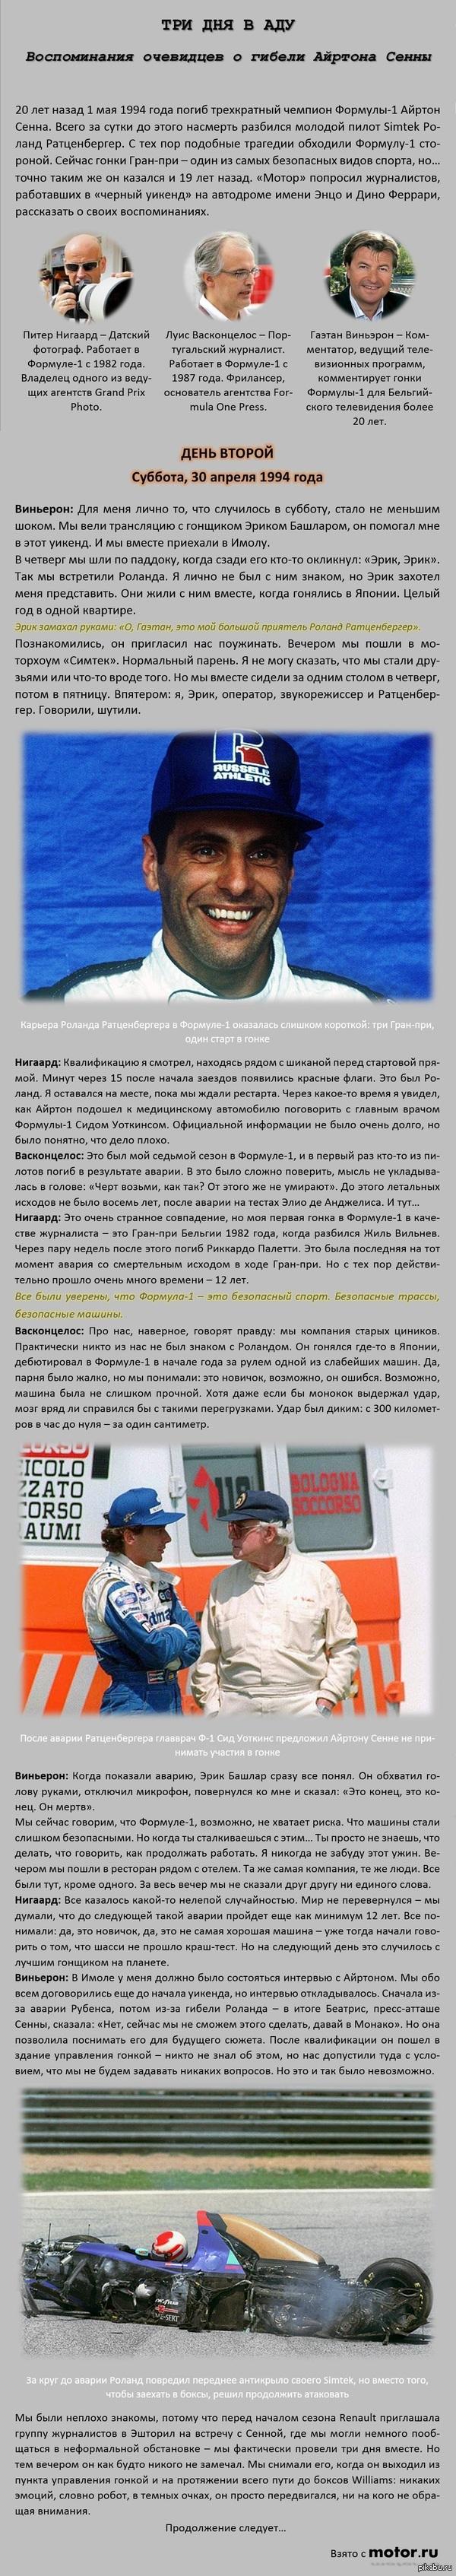 """ТРИ ДНЯ В АДУ Воспоминания очевидцев о гибели Айртона Сенны День второй Часть первая:  <a href=""""http://pikabu.ru/story/tri_dnya_v_adu_vospominaniya_ochevidtsev_o_gibeli_ayrtona_sennyi_den_pervyiy_2243580"""">http://pikabu.ru/story/_2243580</a>"""